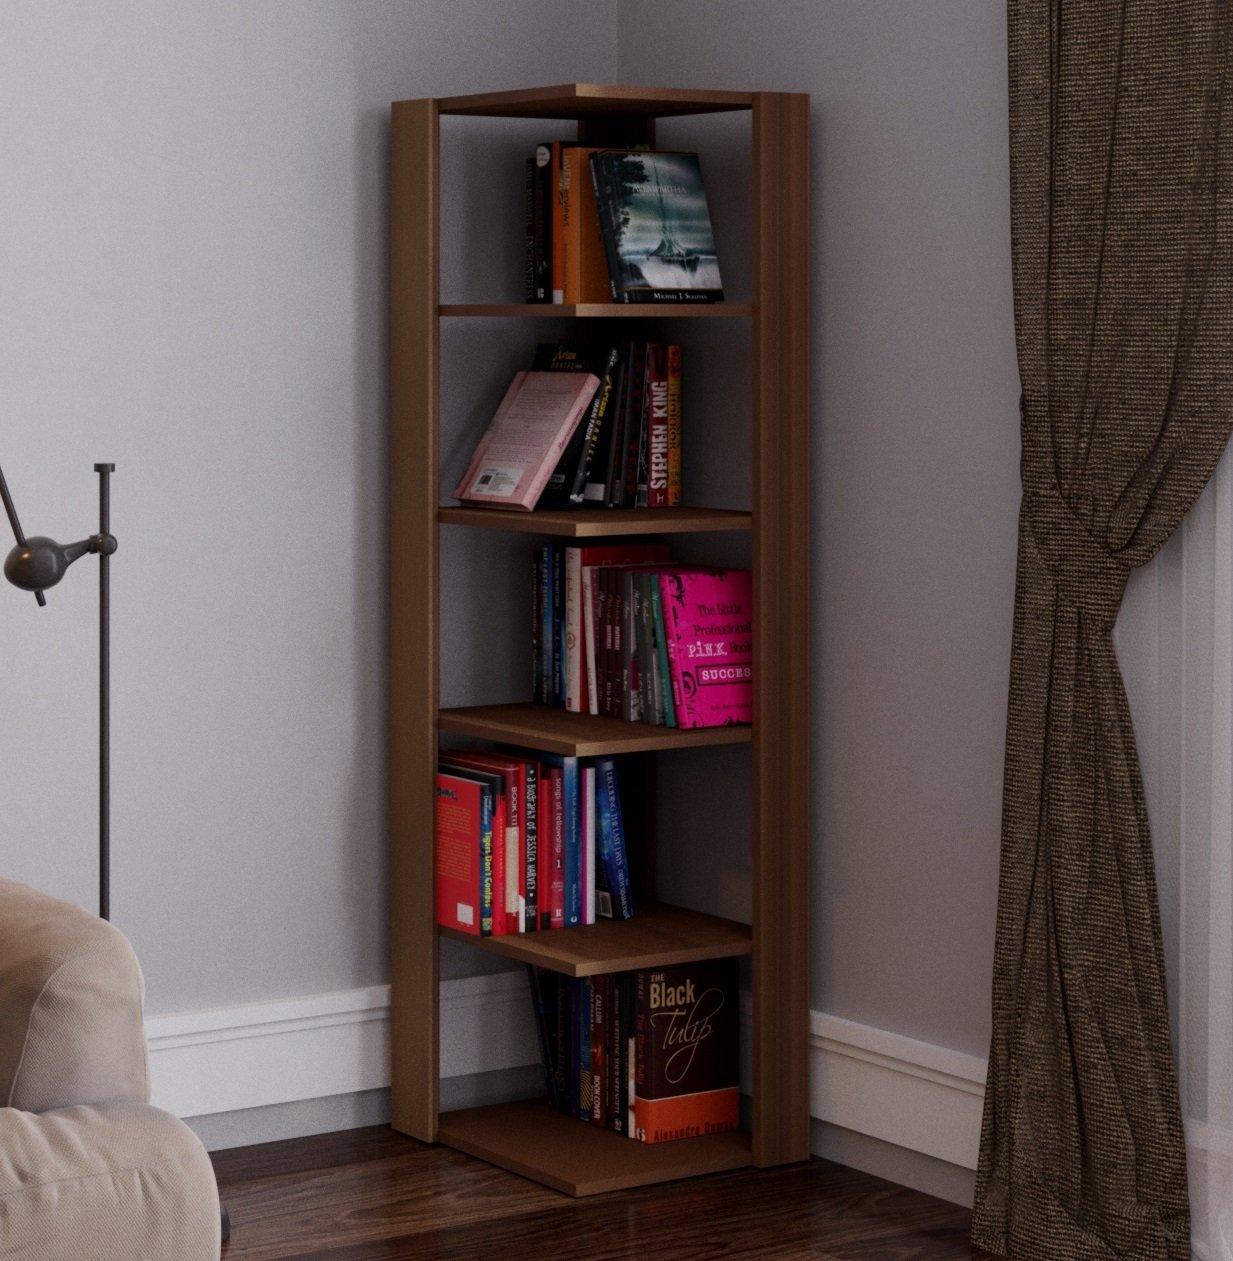 ANKLE Bibliothèque - Étagère de Rangement - Étagère d'angle - Étagère pour bureau - salon par le design moderne